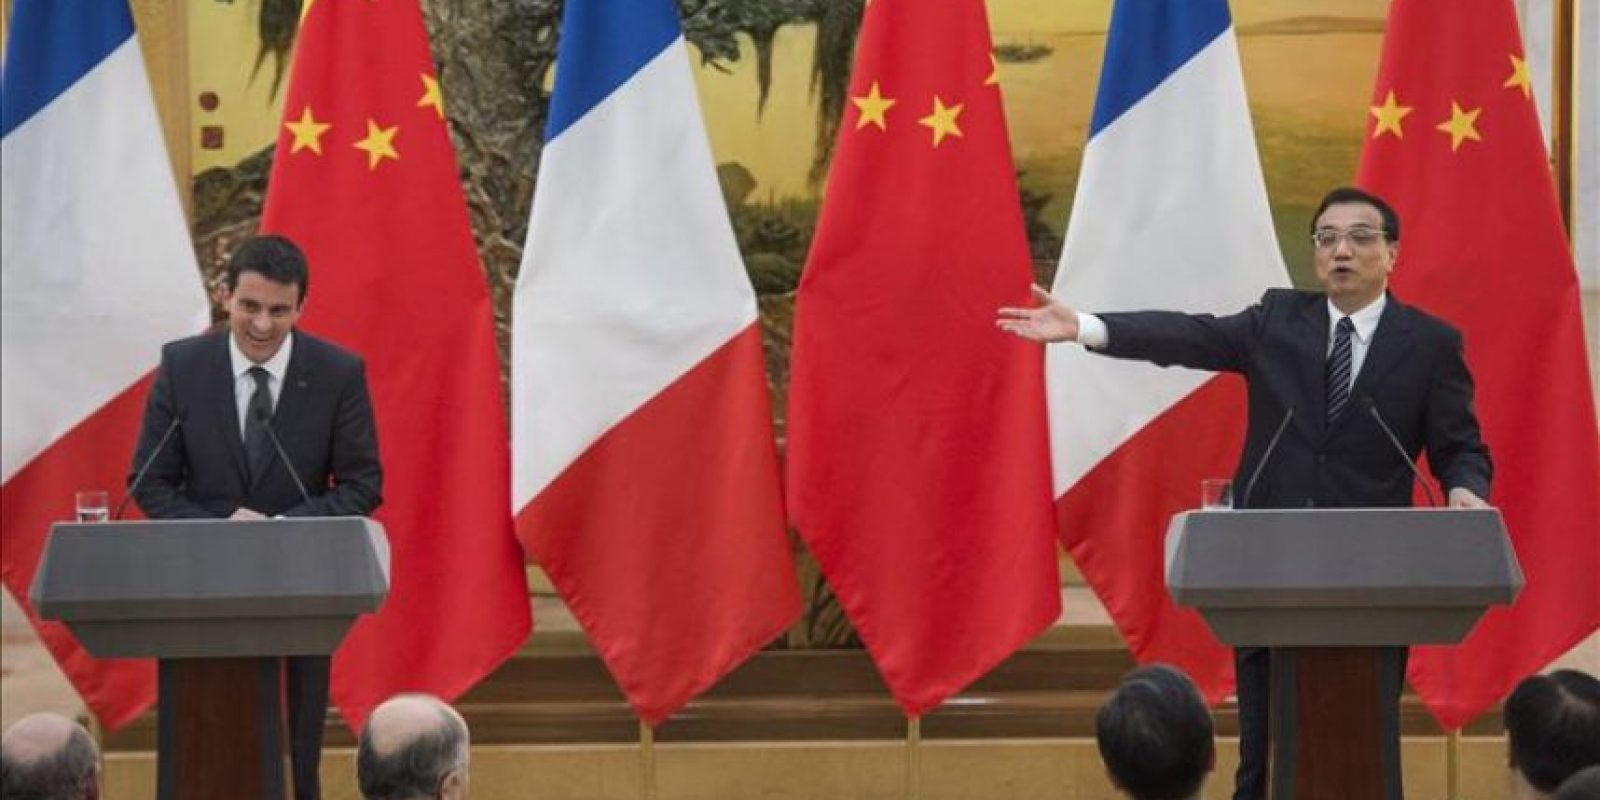 El primer ministro galo, Manuel Valls (izda), ofrece una rueda de prensa con su homólogo chino, Li Keqiang, ayer tras una firma de cooperación en el Gran Palacio del Pueblo en Pekín (China). EFE